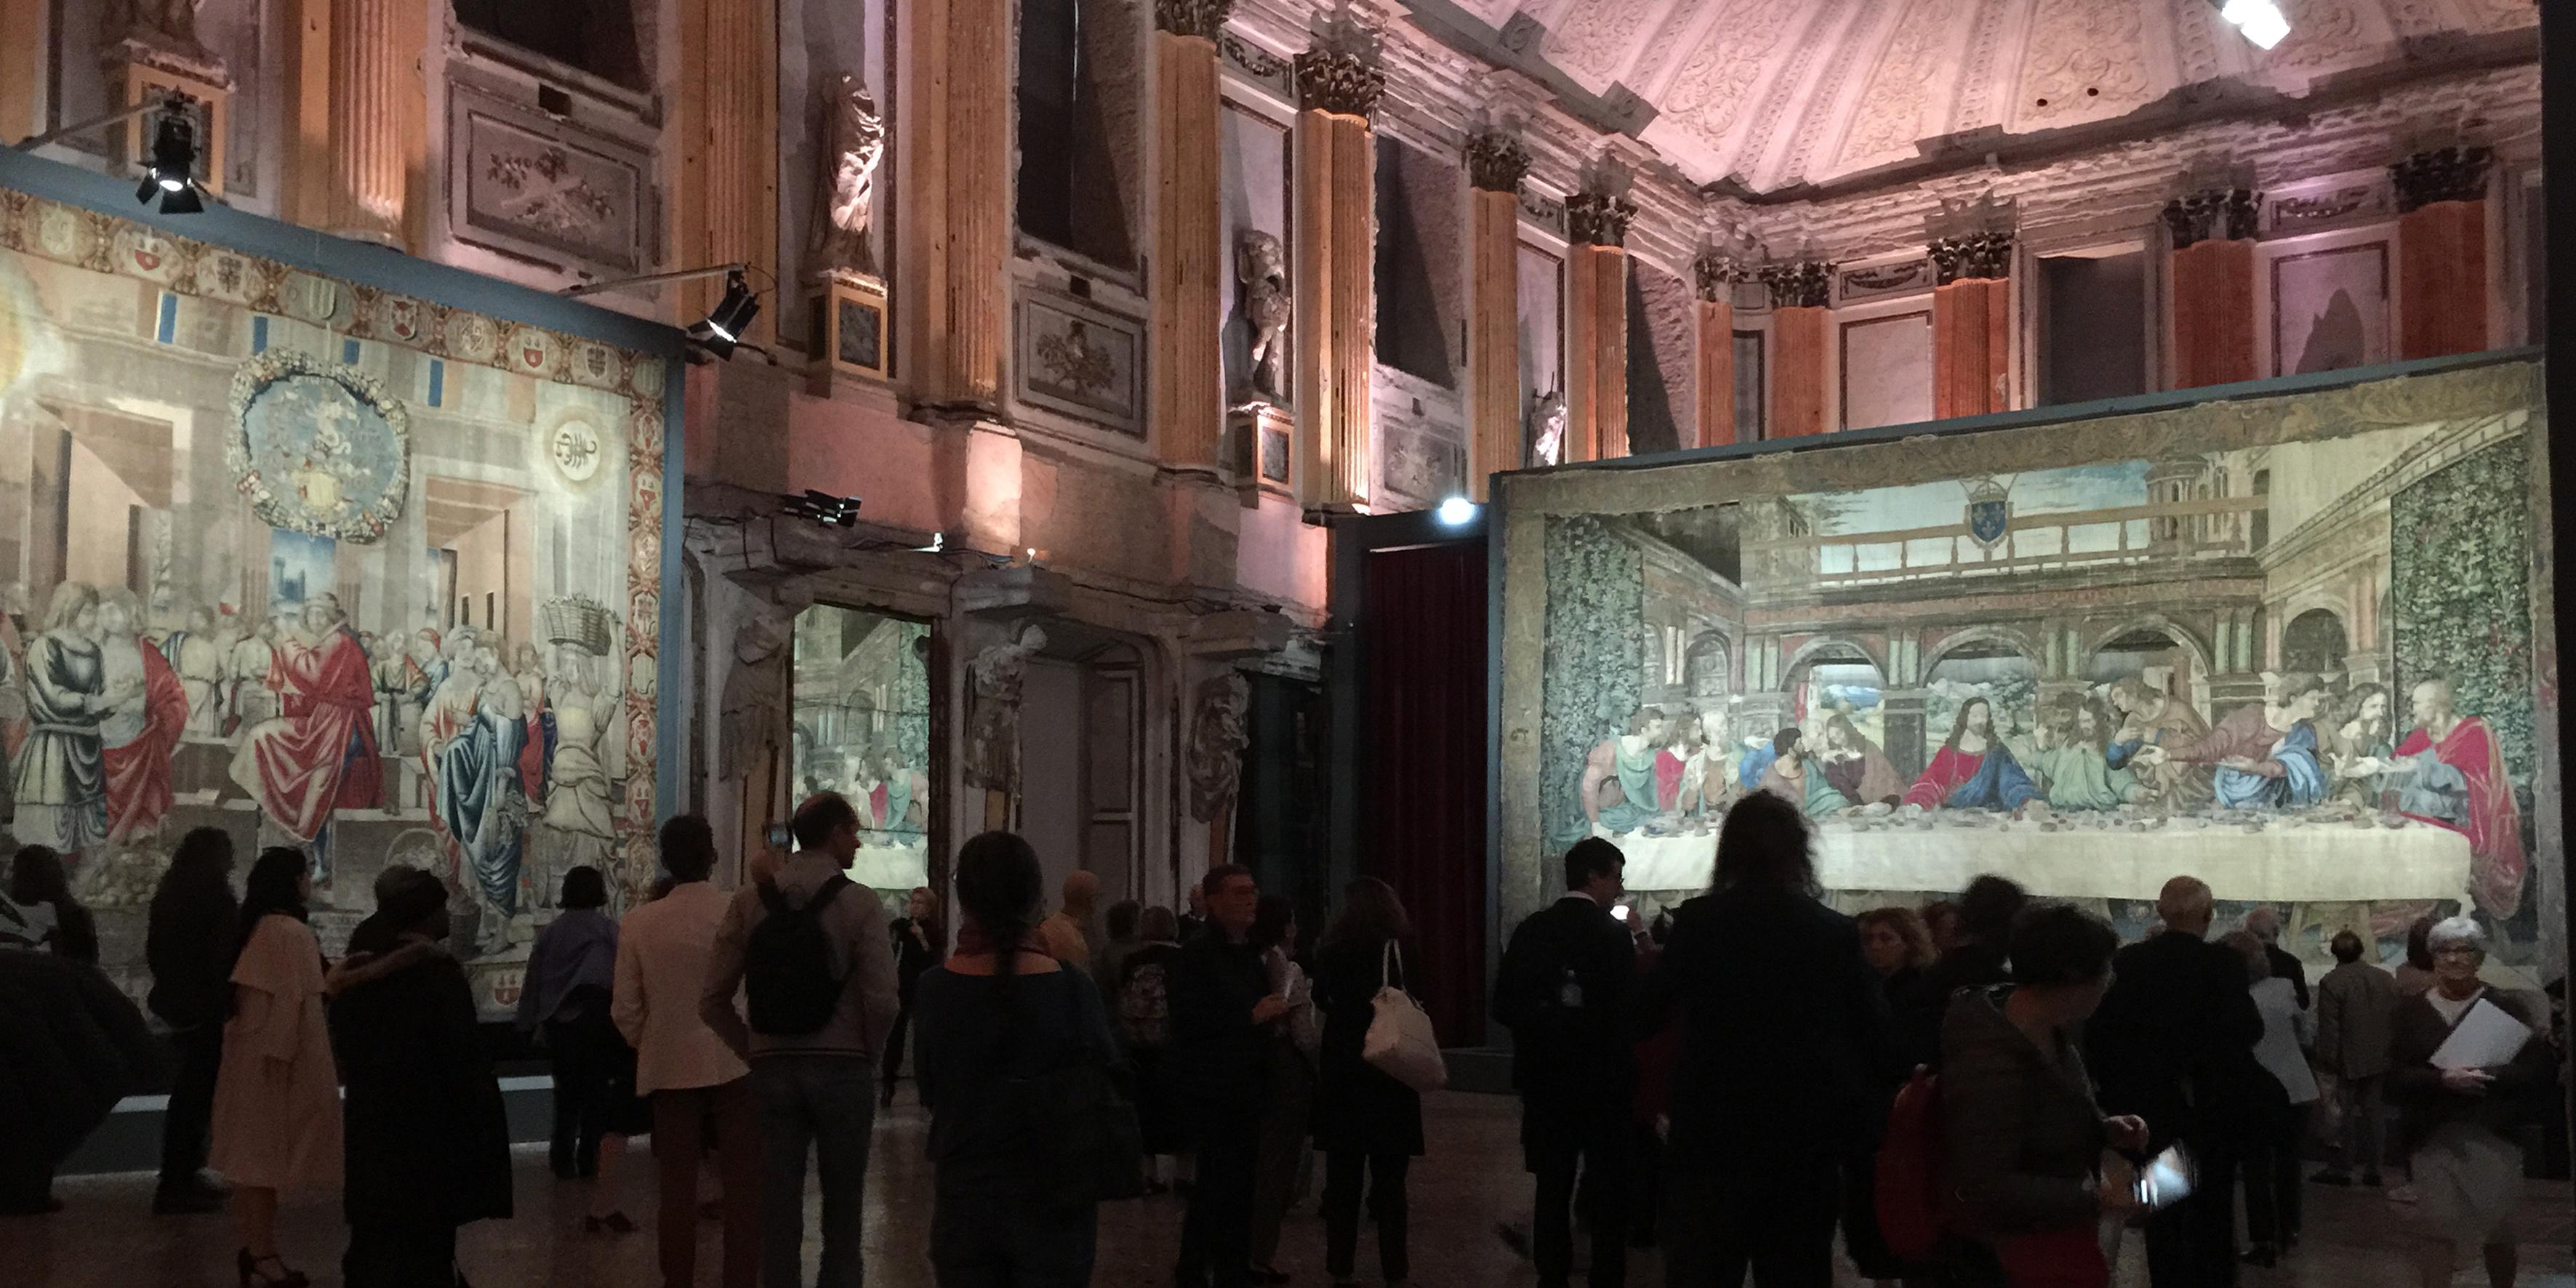 Nella sala delle Cariatidi l'arazzo della Collezione Trivulzio, raffigurante il mese di ottobre e a destra il Cenacolo in seta